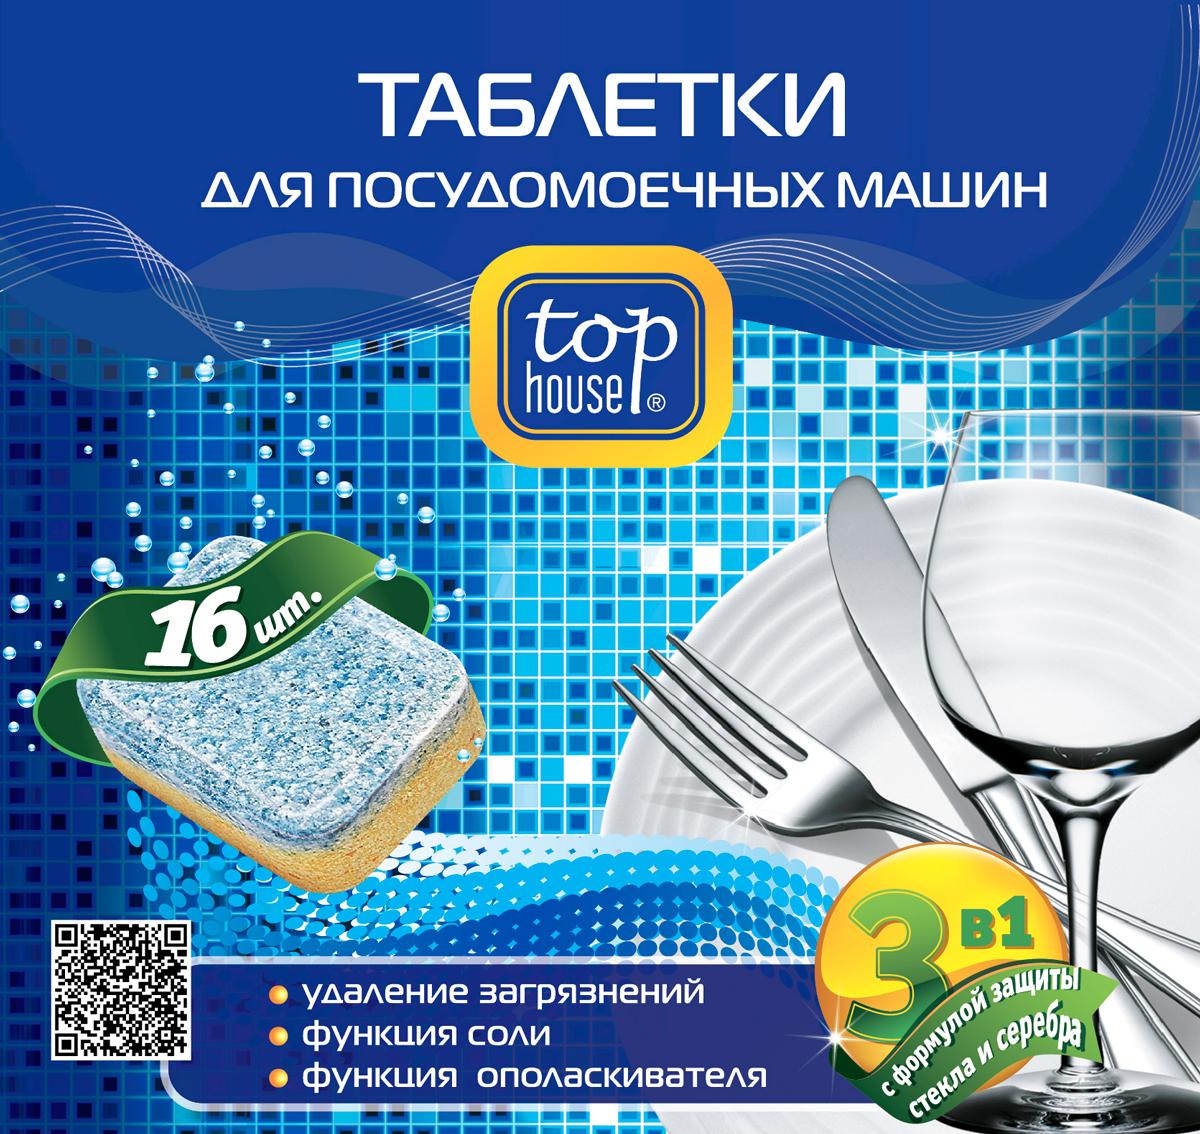 Таблетки моющие Top House 3 в 1 для посудомоечных машин, 16 штKL-01Таблетки Top House 3 в 1 изготовлены по современной технологии с учетом рекомендаций ведущих производителей посудомоечных машин. Благодаря новой формуле защиты стекла таблетки Top House 3 в 1 защищают стеклянную посуду от пятен и помутнений. Входящий в состав активный кислород эффективно очищает любые, даже самые застарелые загрязнения. Функция защиты серебра защищает столовое серебро от потемнения. Функция соли смягчает воду и защищает внутренние детали от накипи.ТаблеткиTop House 3 в 1удобны в применении, не содержат хлор и другие агрессивные компоненты, бережно относятся к посуде с декором. Особенности таблеток 3 в 1:- эффективное очищение загрязнений;- защита стекла;- функция соли;-функция защиты серебра;- функция ополаскивателя.Товар сертифицирован.Уважаемые покупатели!Обращаем ваше внимание на возможные изменения в дизайне упаковки. Качественные характеристики товара остаются неизменными. Поставка осуществляется в зависимости от наличия на складе.